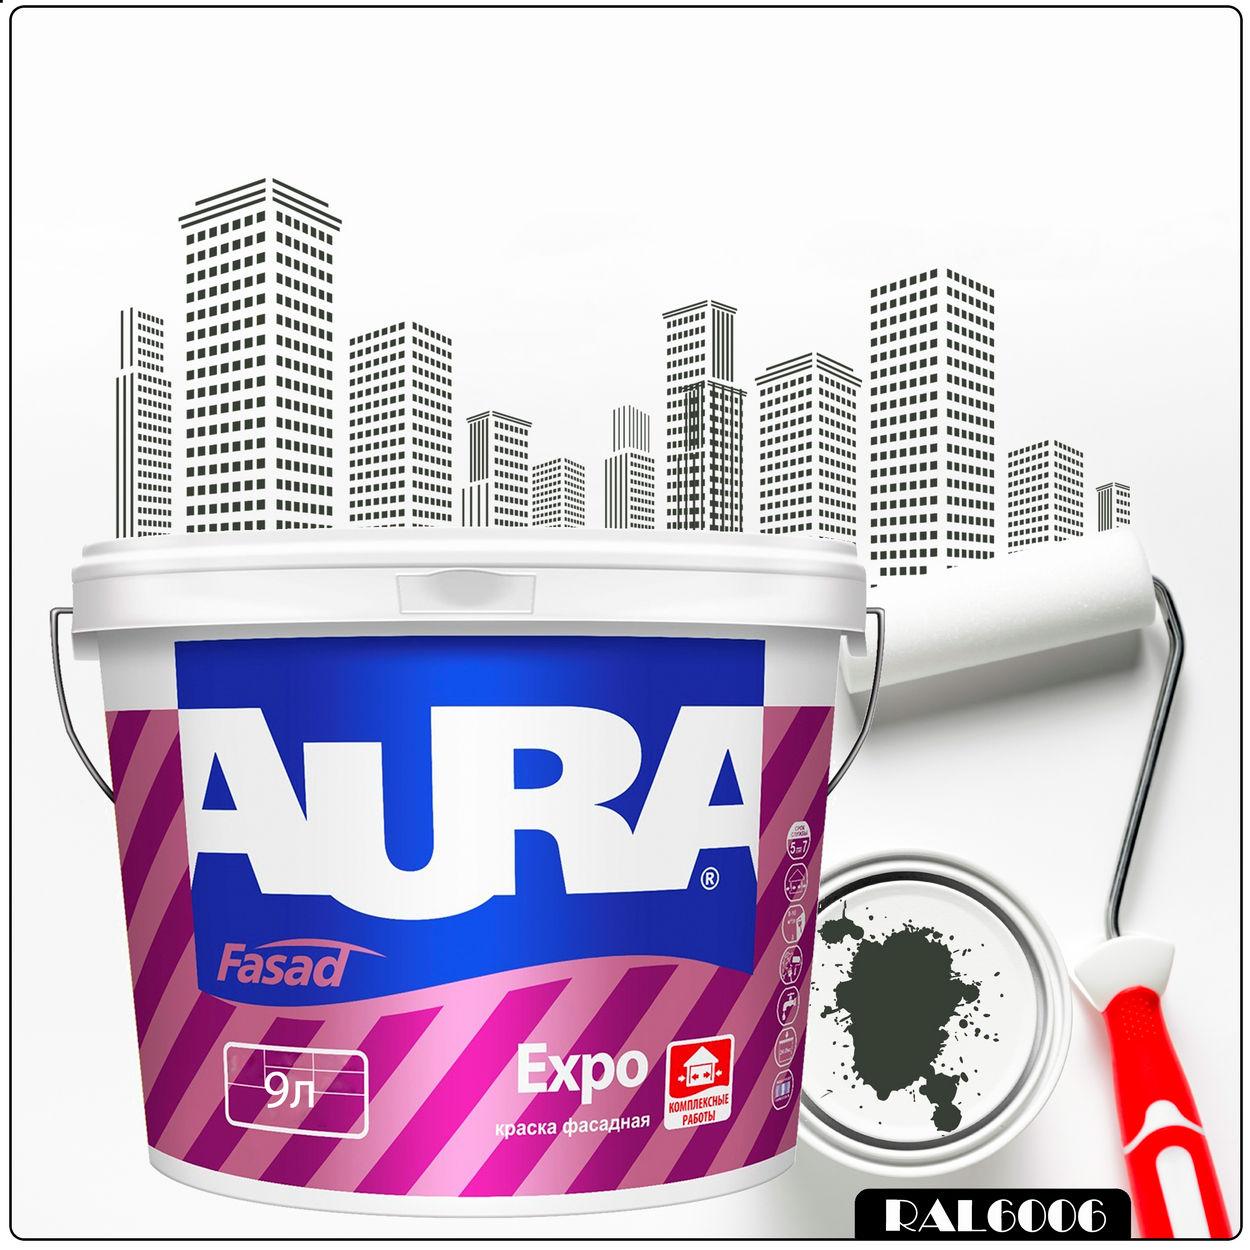 Фото 7 - Краска Aura Fasad Expo, RAL 6006 Серо-оливковый, матовая, для фасадов и помещений с повышенной влажностью, 9л.